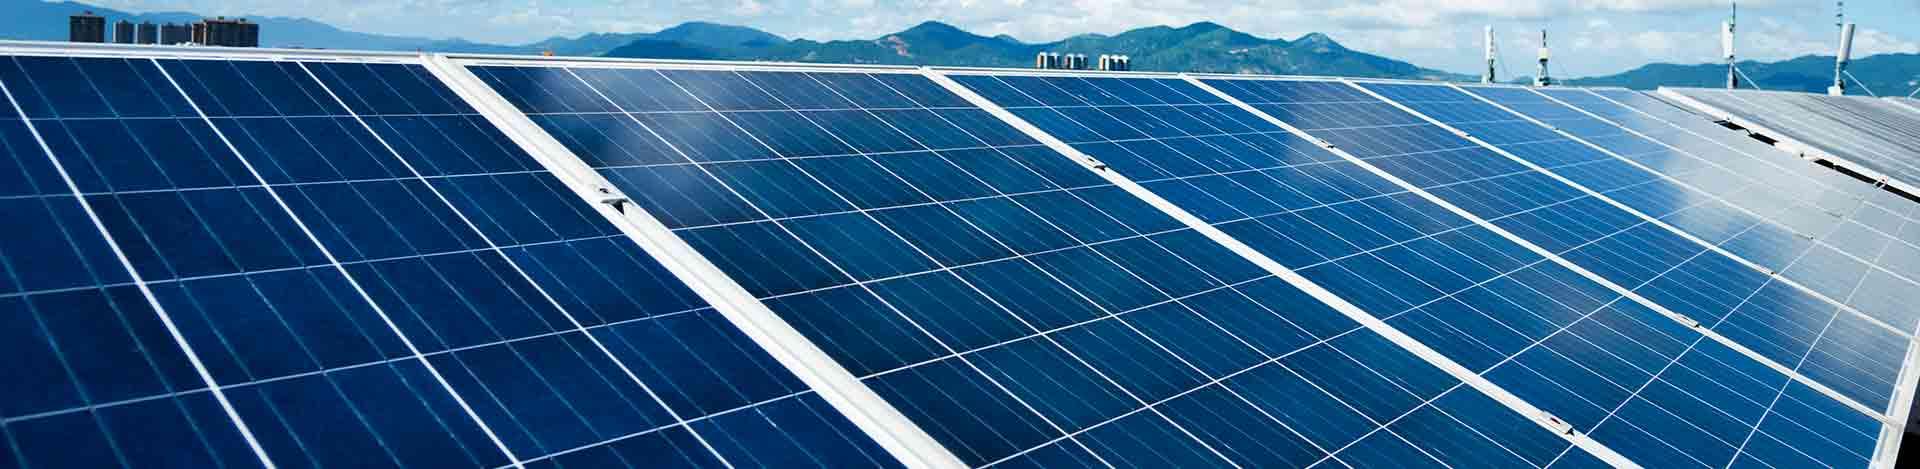 Francenergies, instalador experto en eficiencia energética